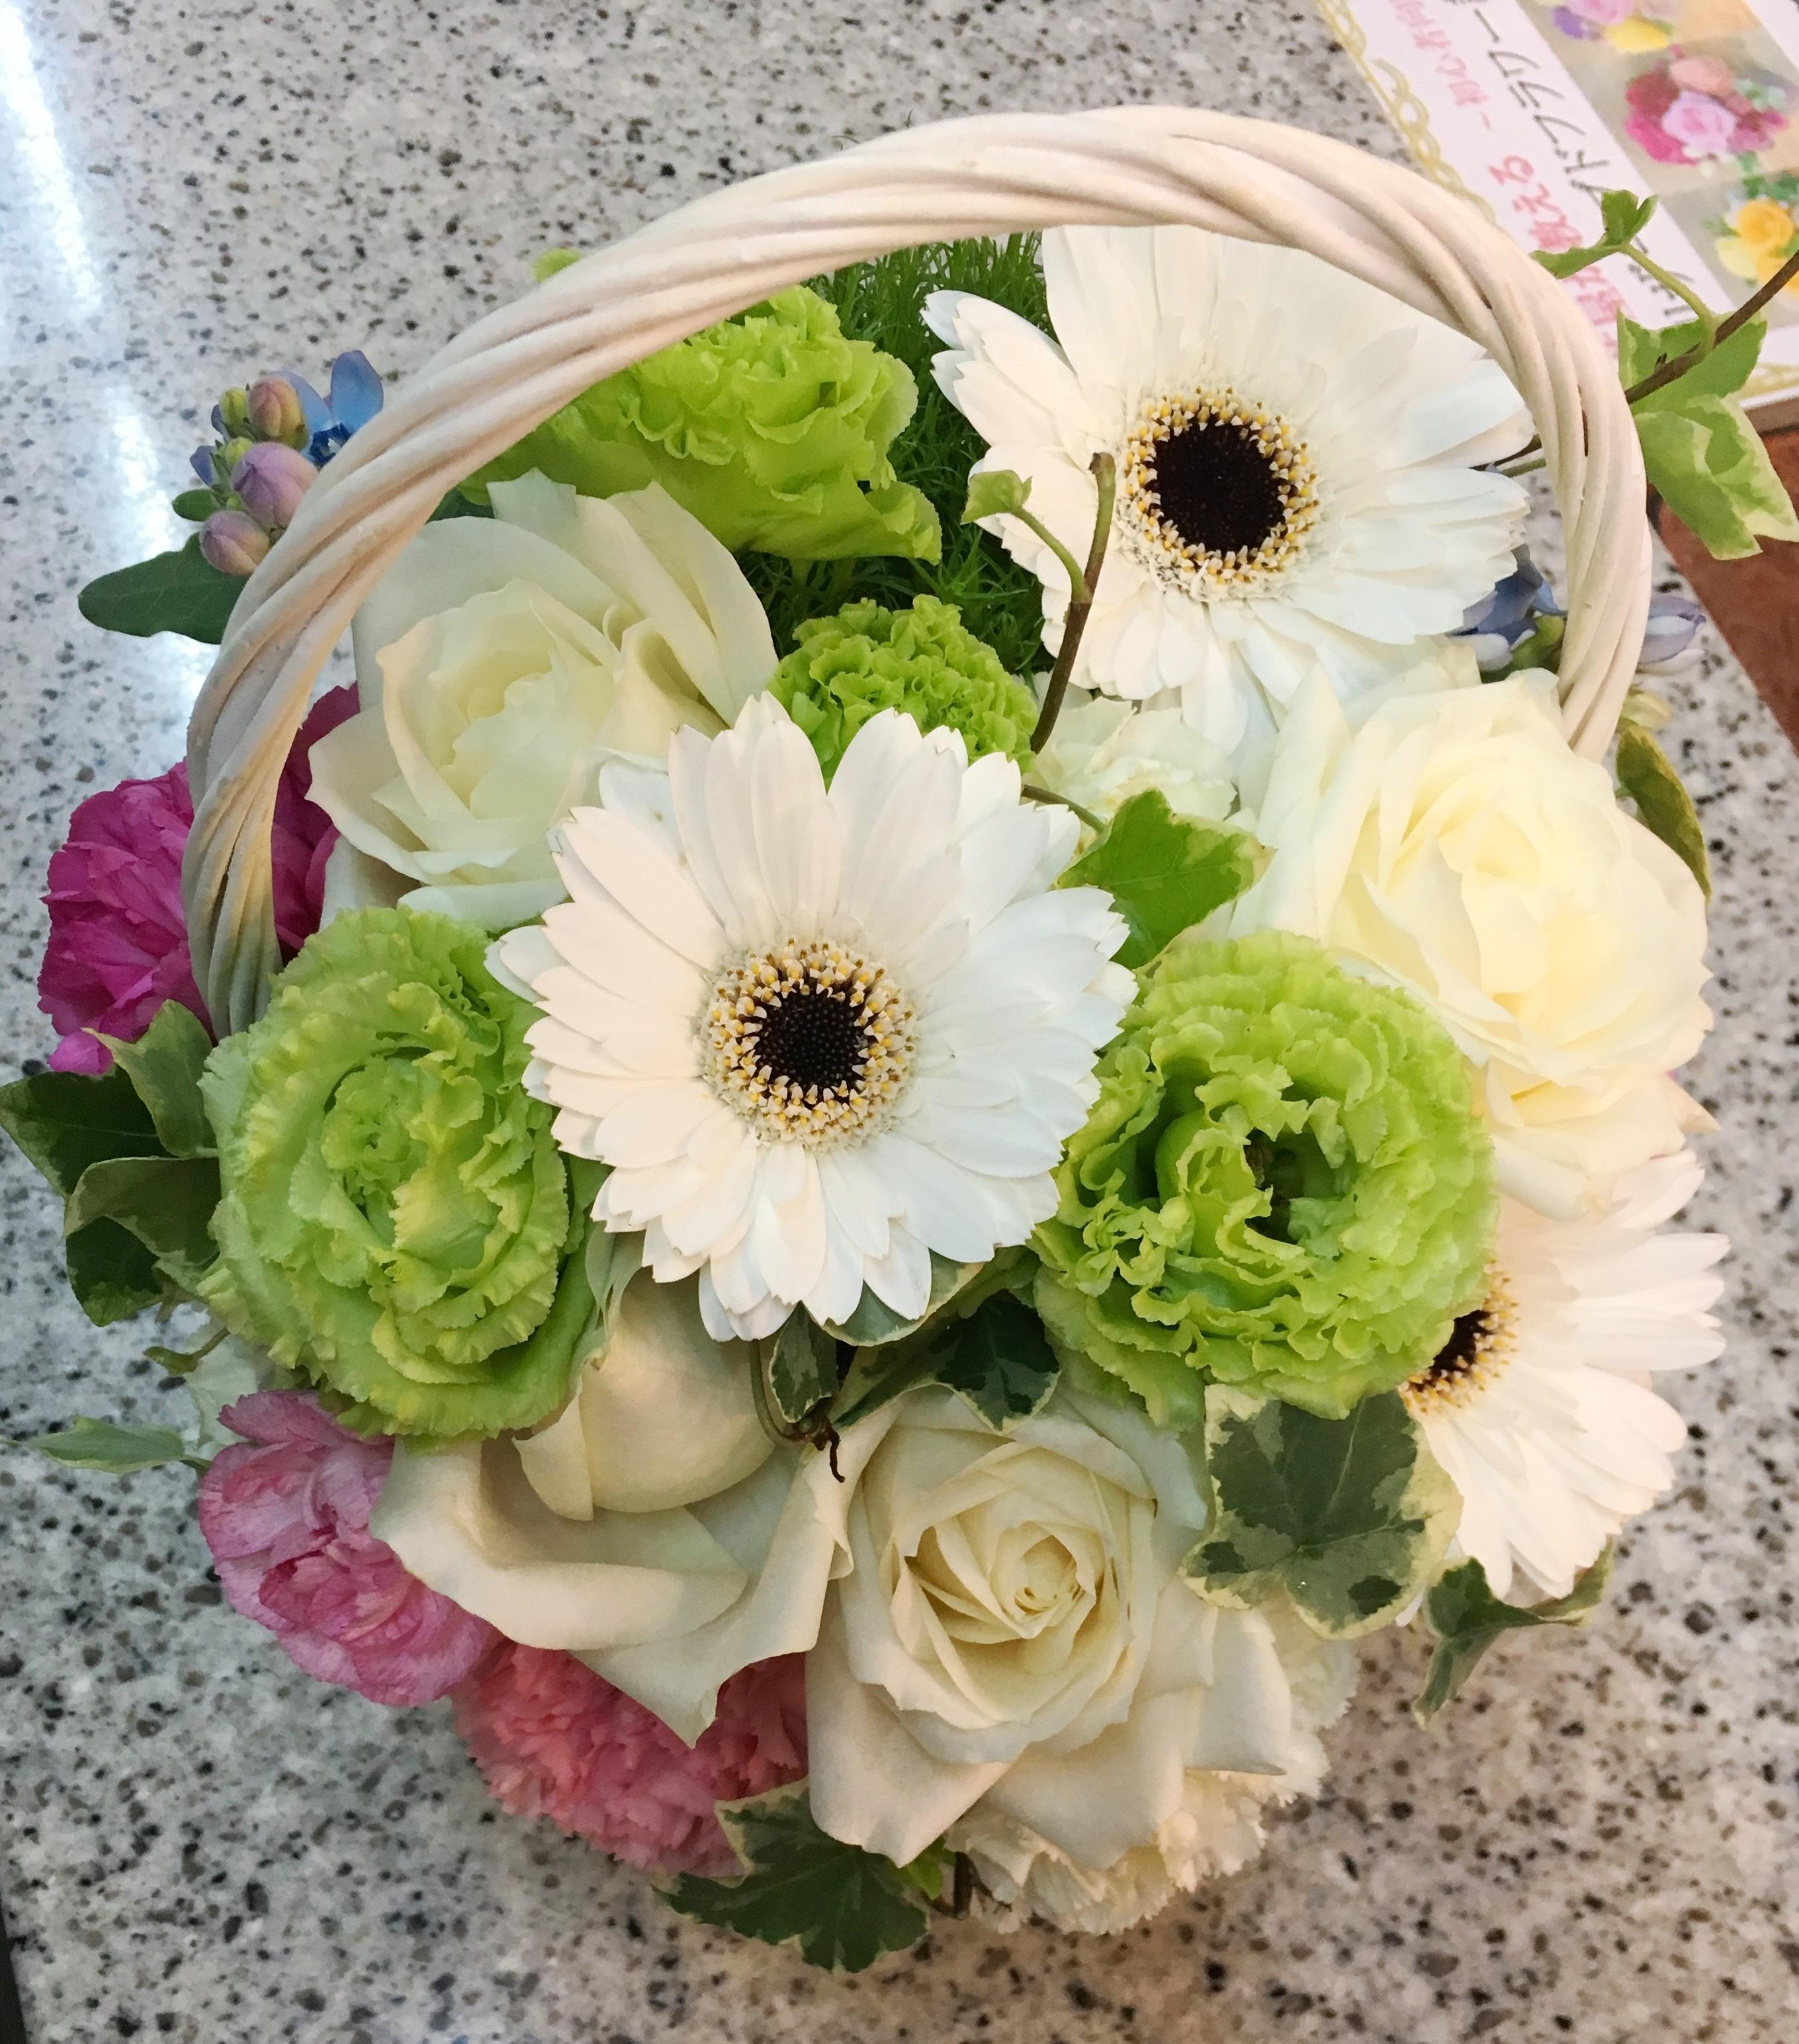 横浜市関内へ花束を即日当日配達しました!【横浜花屋の花束・スタンド花・胡蝶蘭・バルーン・アレンジメント配達事例293】